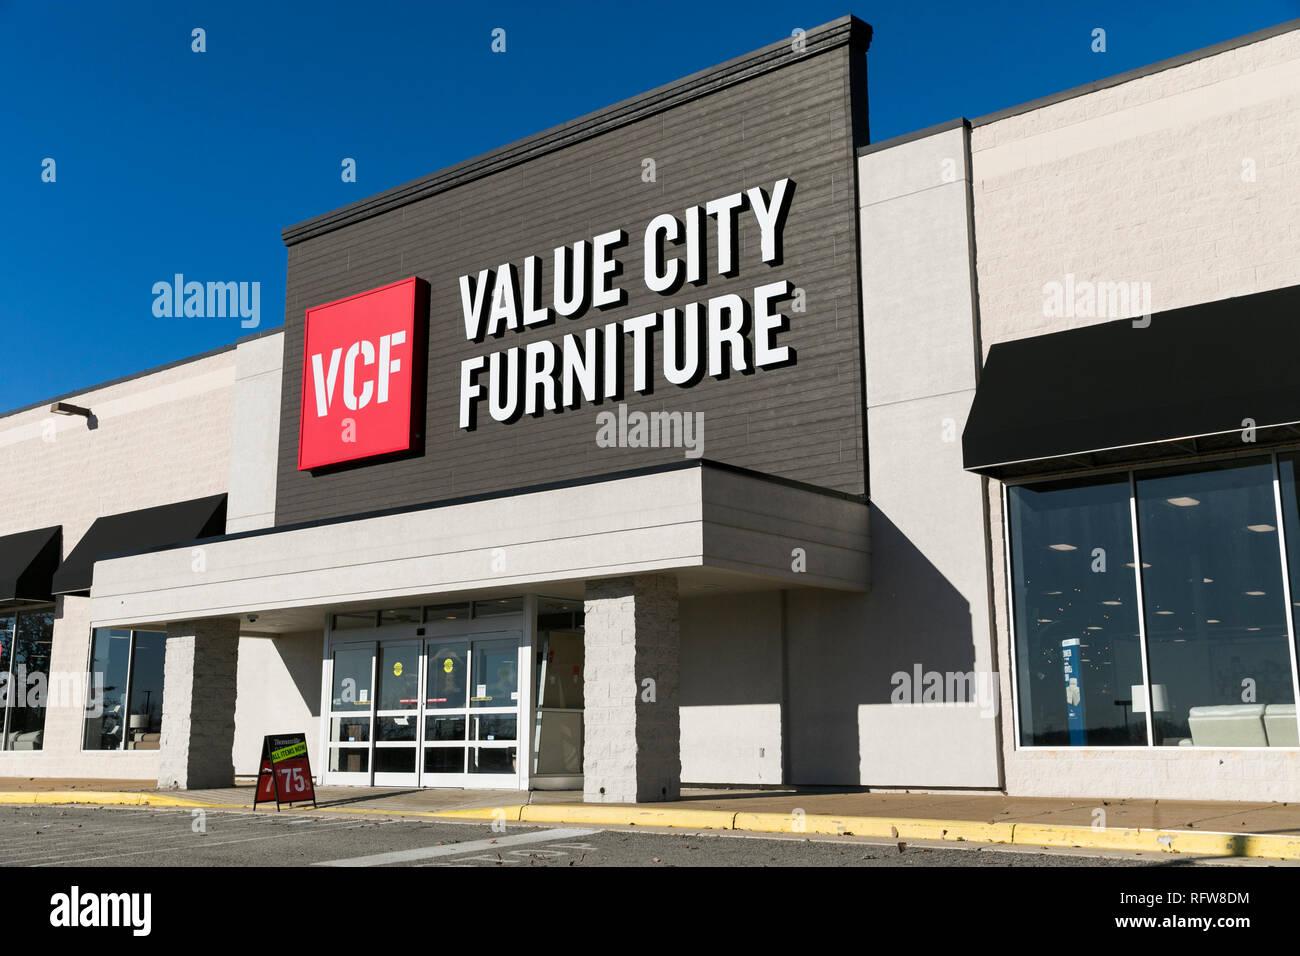 Virginia Furniture Stock Photos & Virginia Furniture Stock